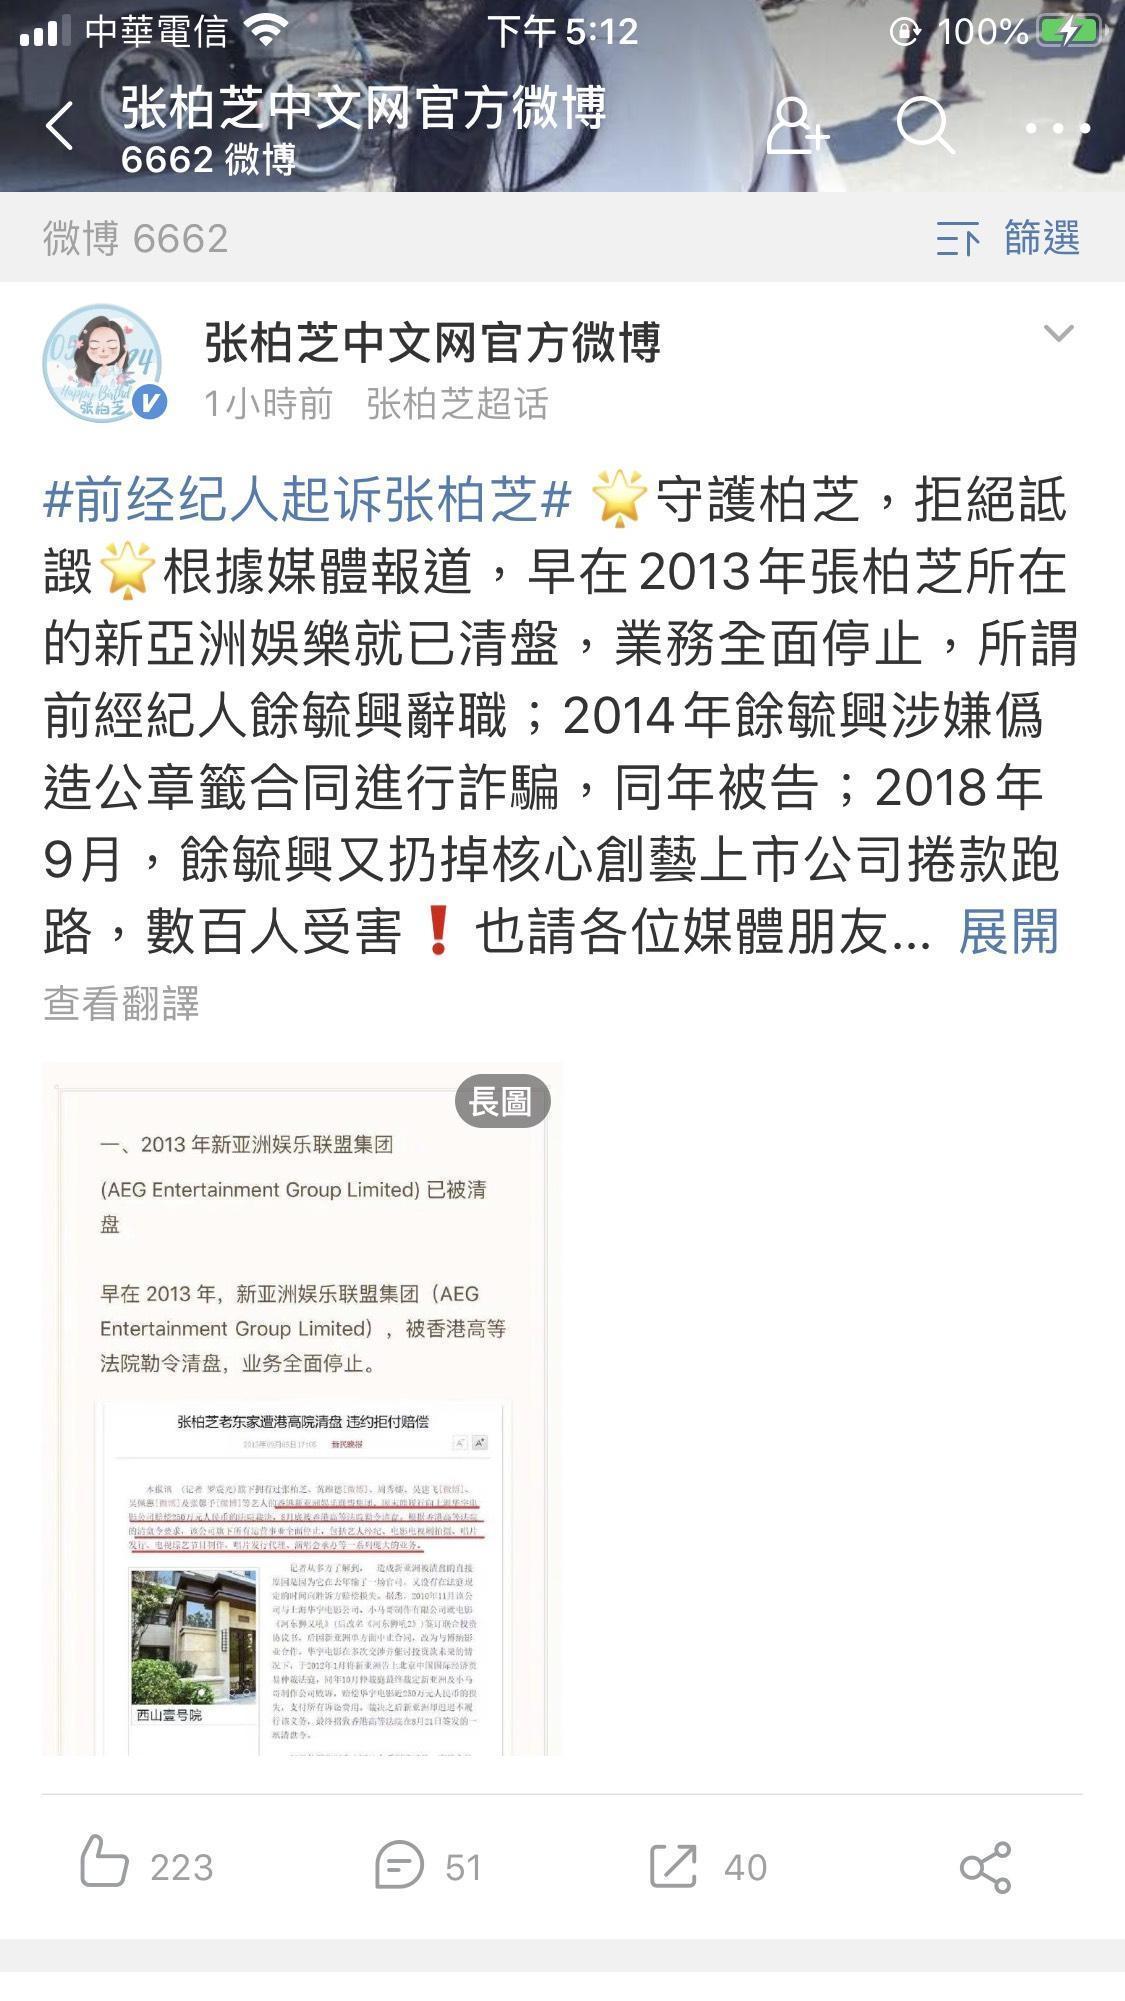 張栢芝粉絲組織在微博回應指出,前經紀人公司於2013年已清盤外,也指前經紀人涉詐騙跑路中。(翻攝自張栢芝微博)